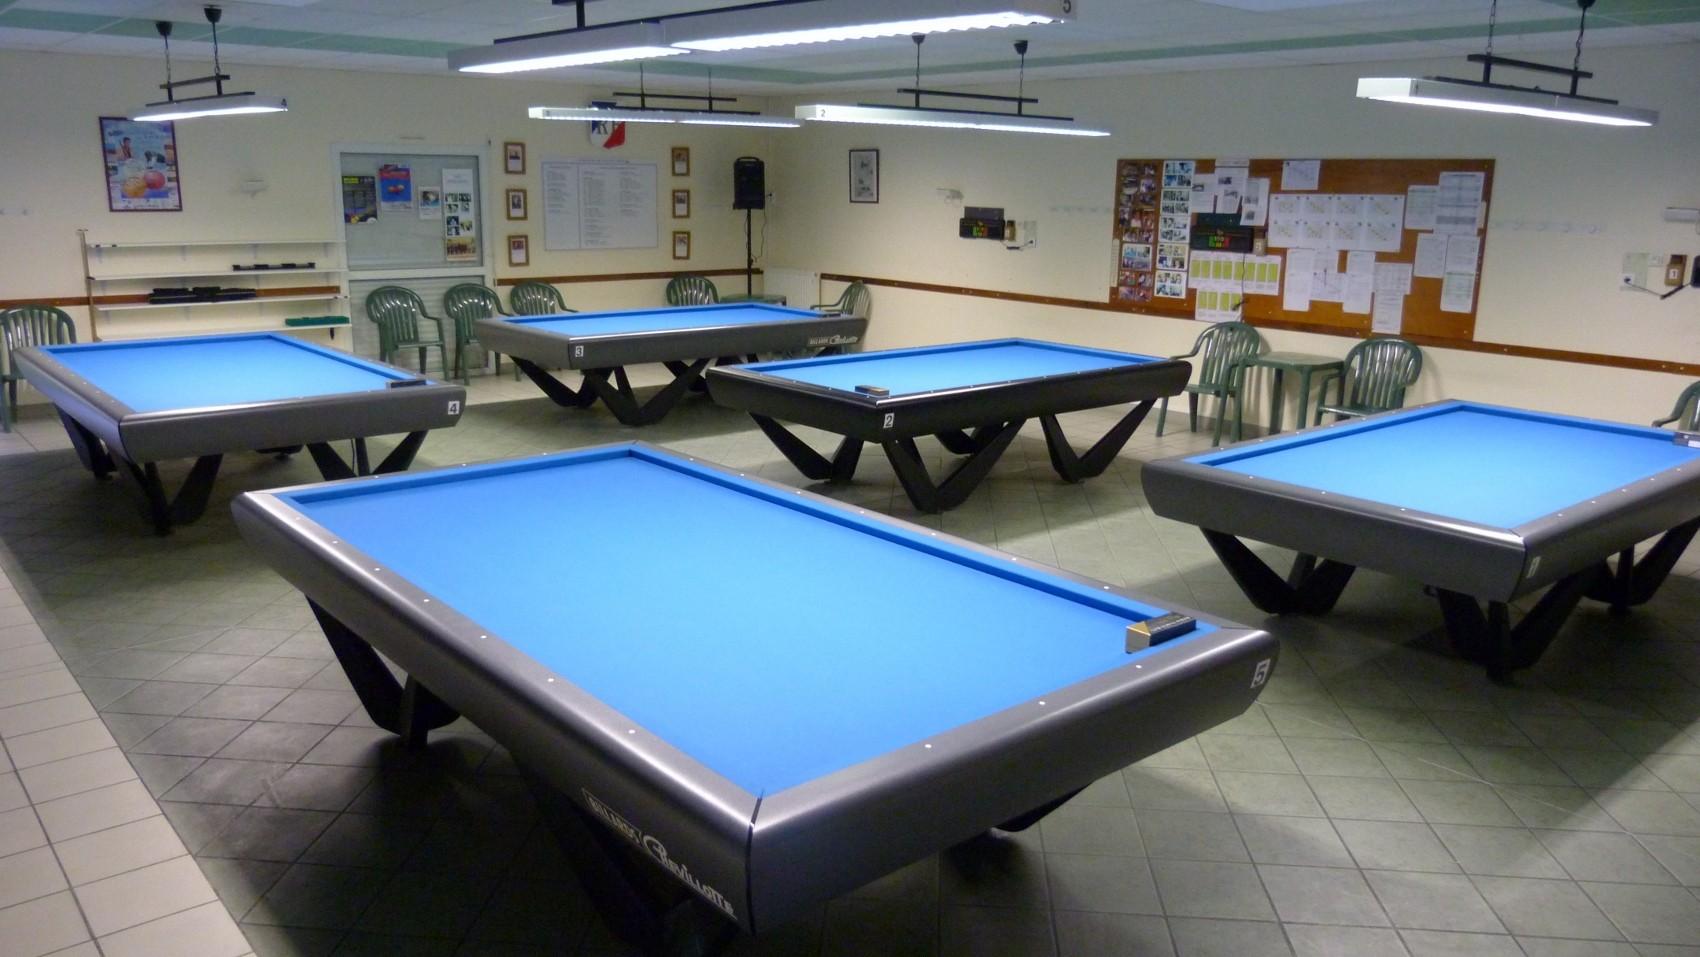 le 31 octobre 2013 la salle est opérationnelle.